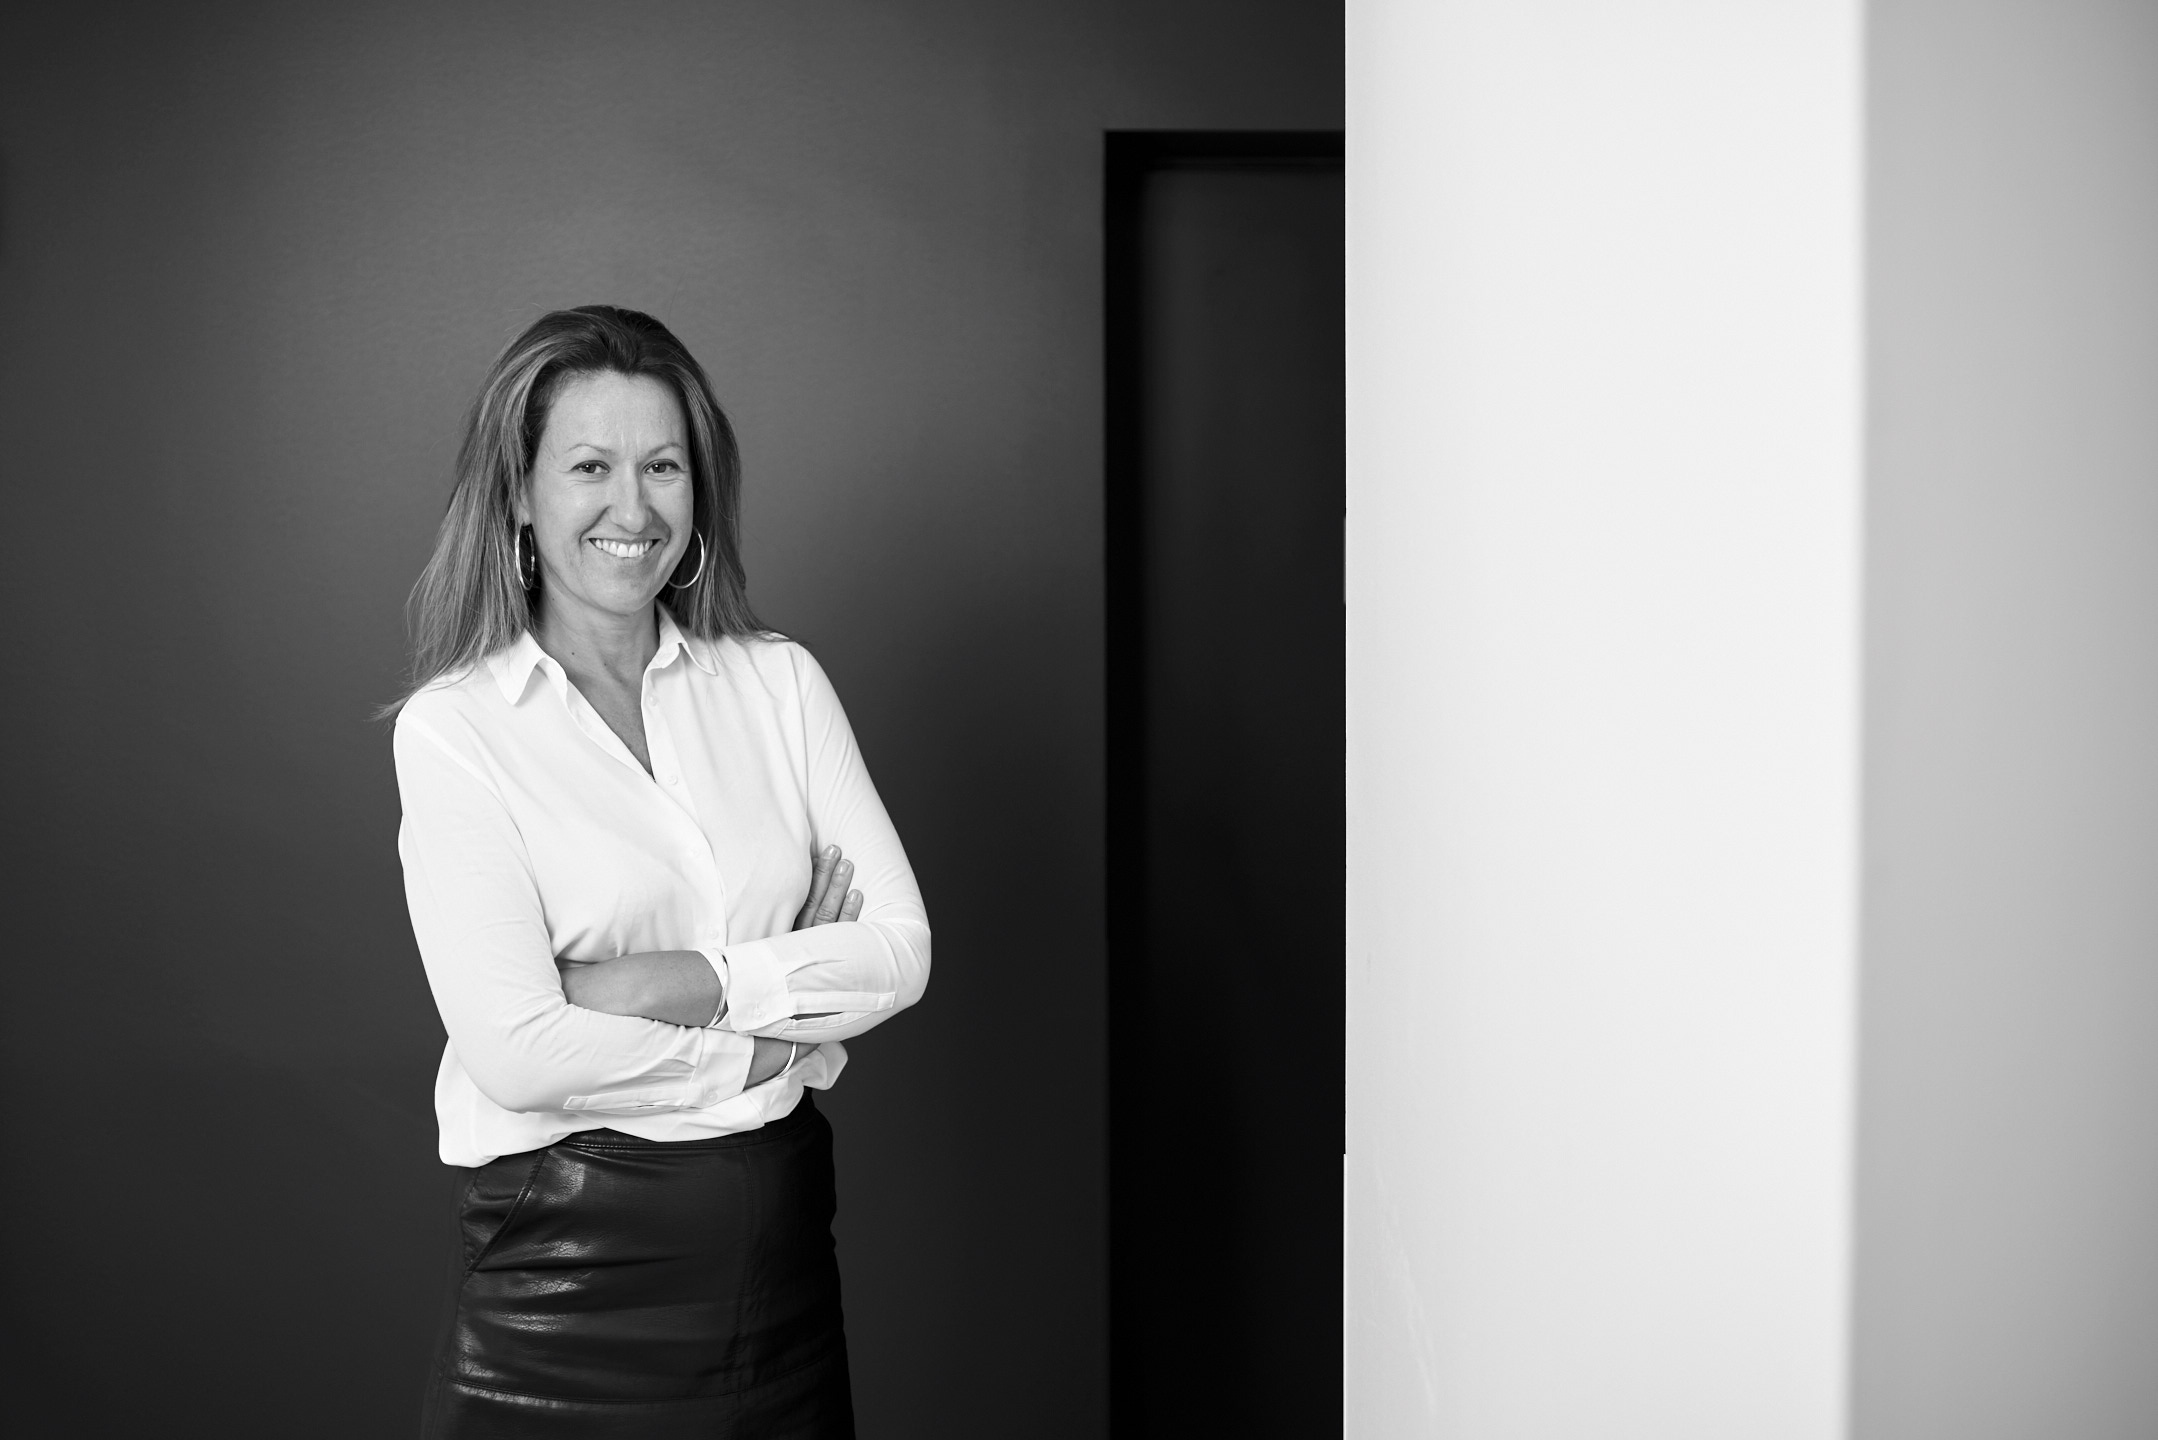 Portrait d'une femme en noir et blanc dans un environnement corporate